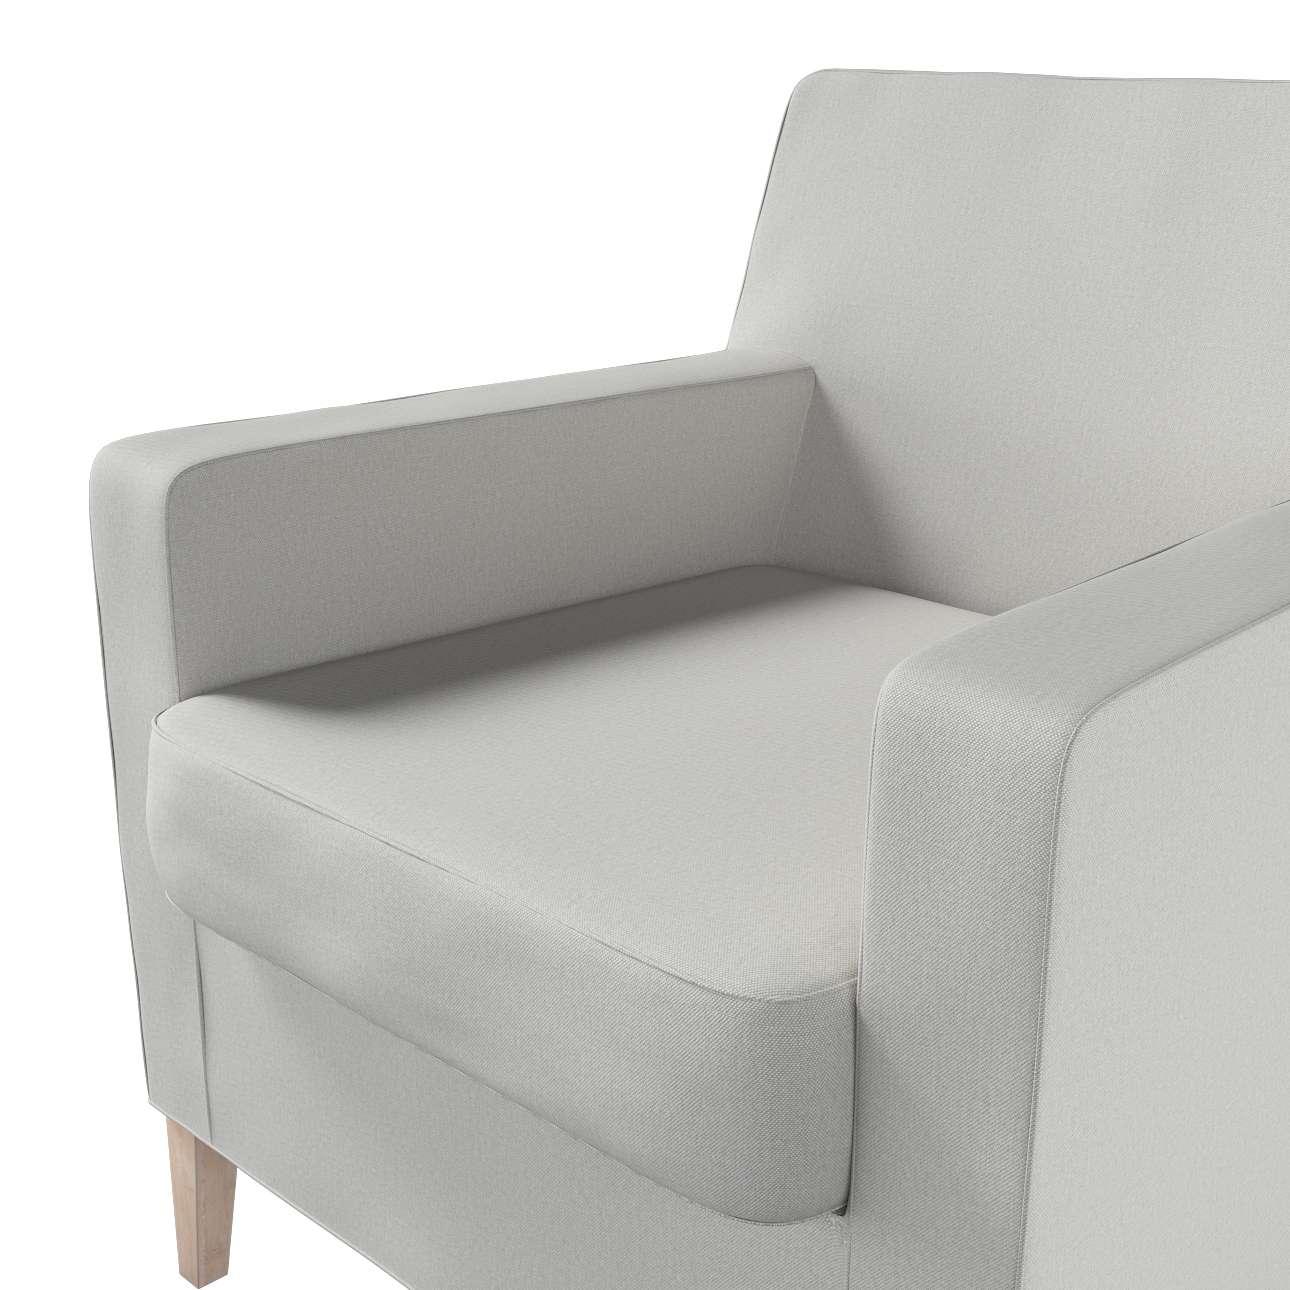 Pokrowiec na fotel Karlstad w kolekcji Etna, tkanina: 705-90